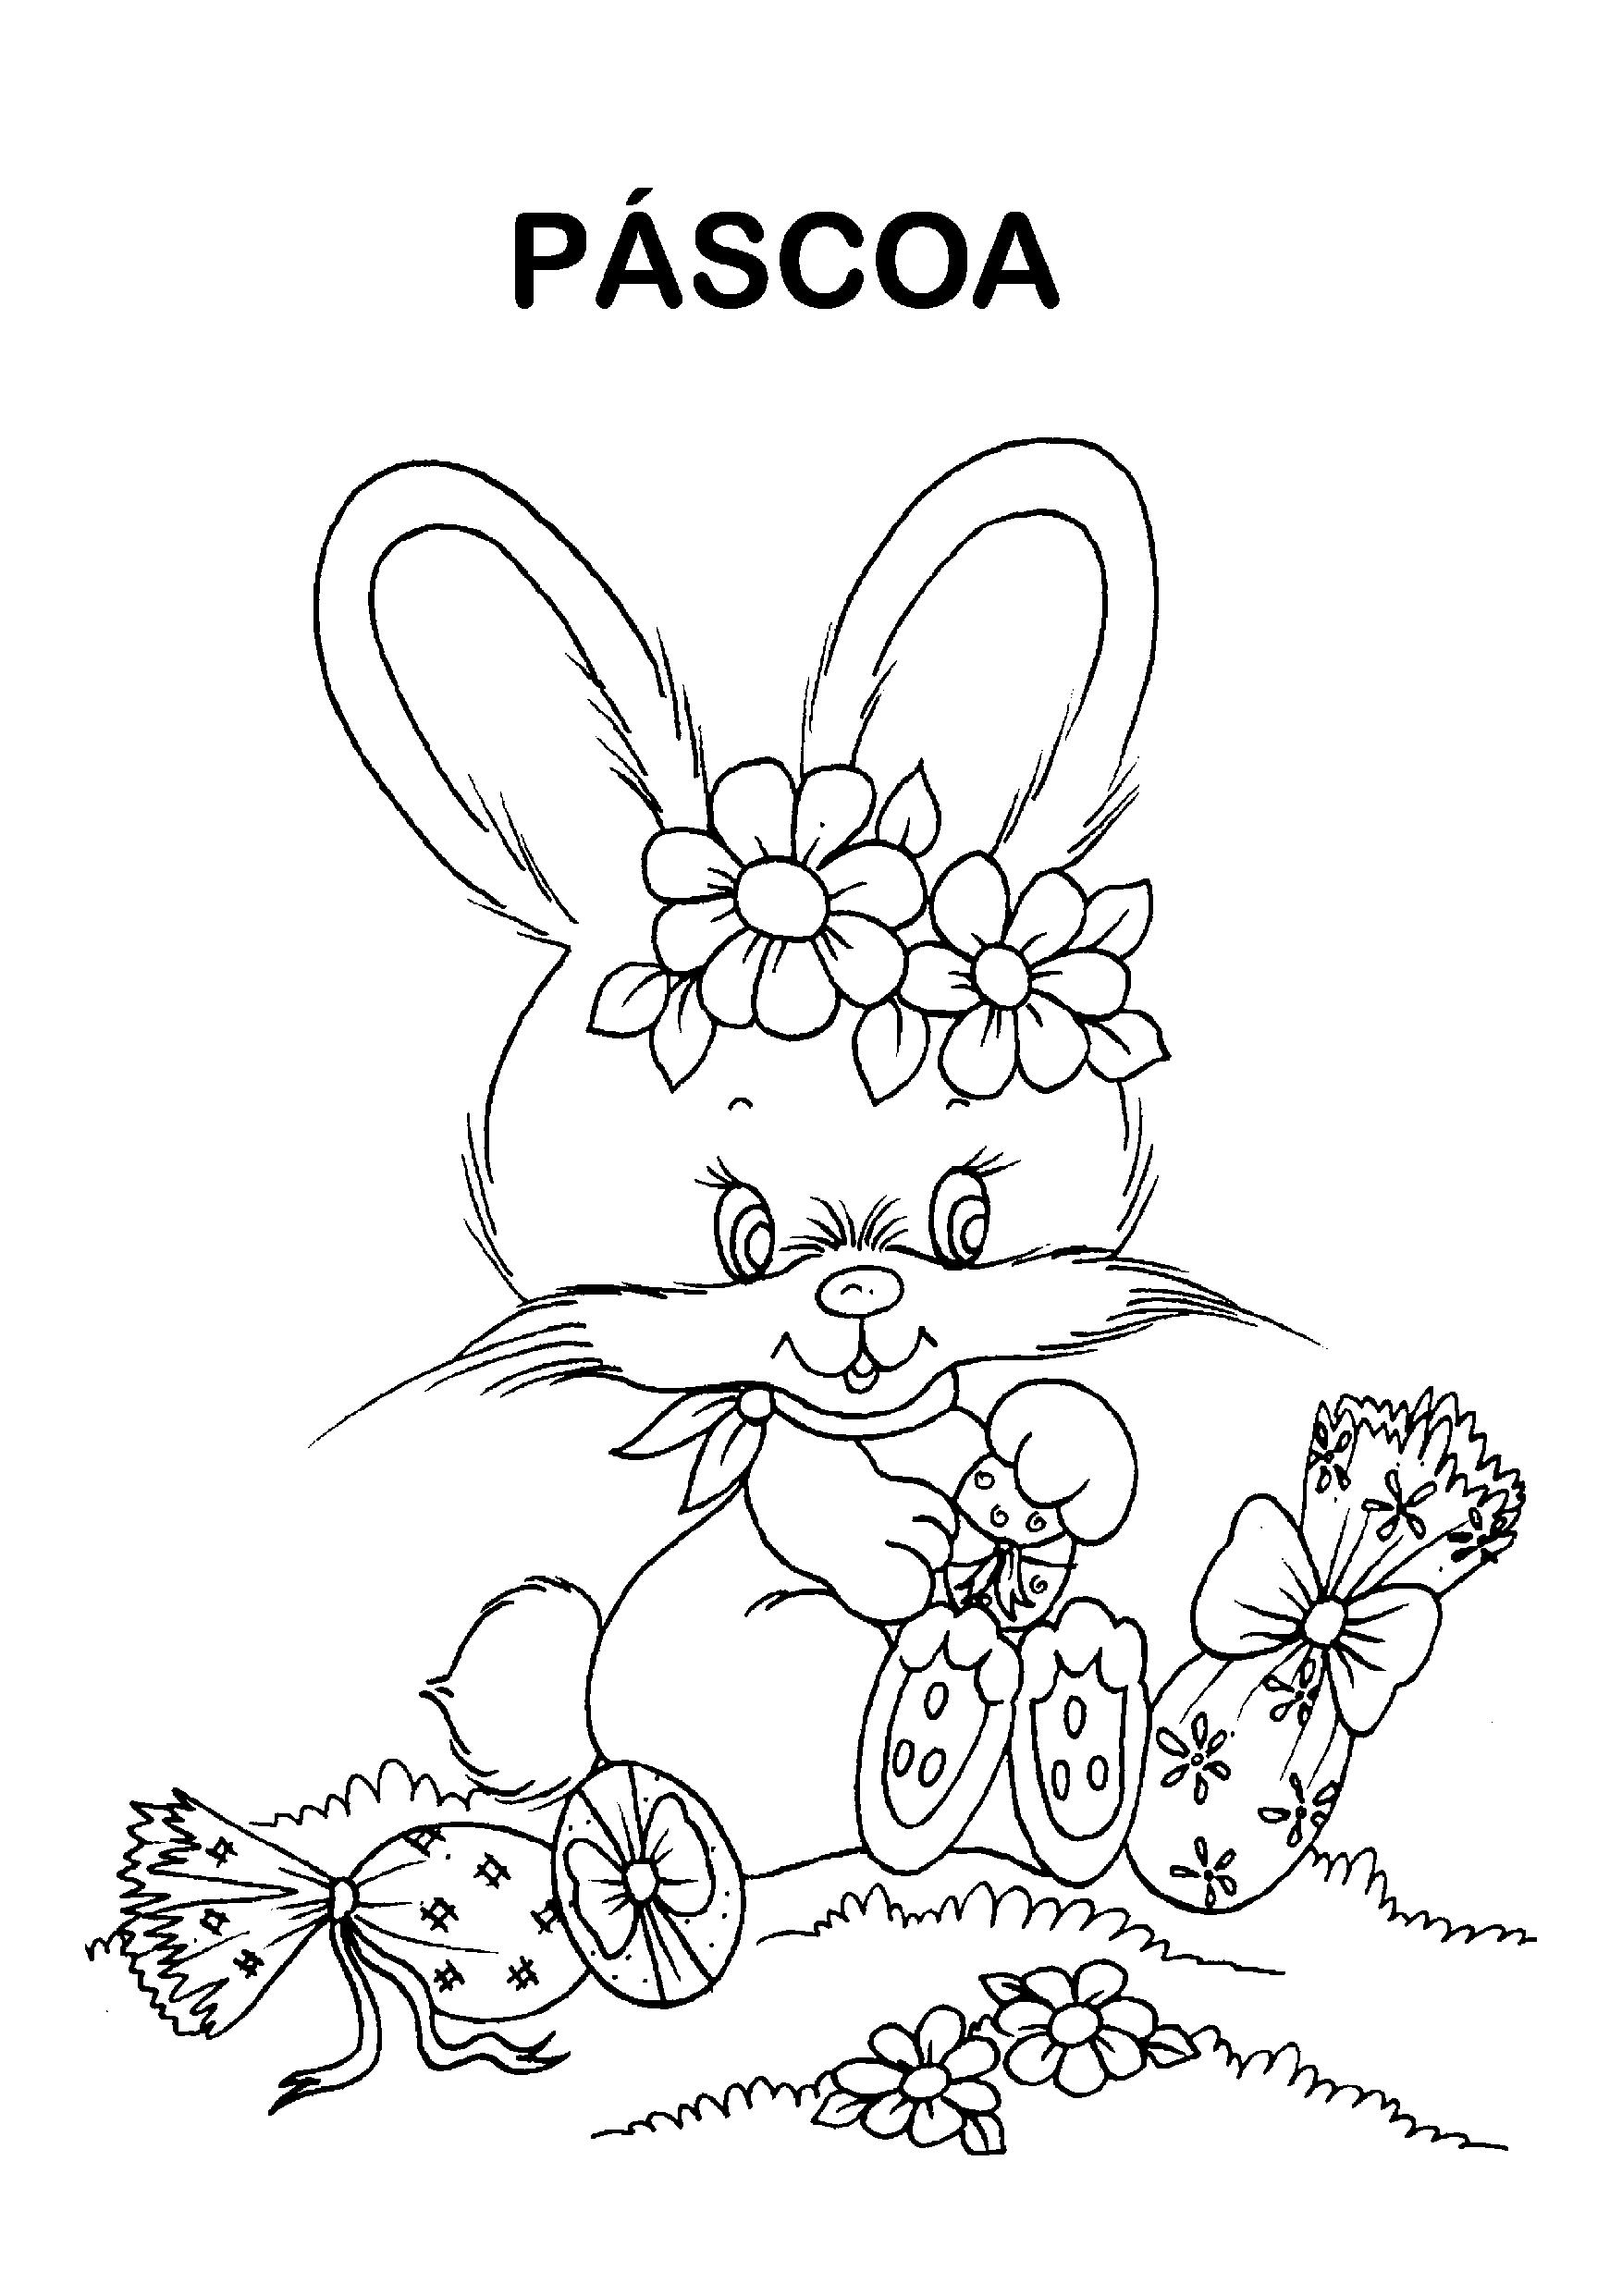 Coelhinha com ovos de Páscoa para colorir